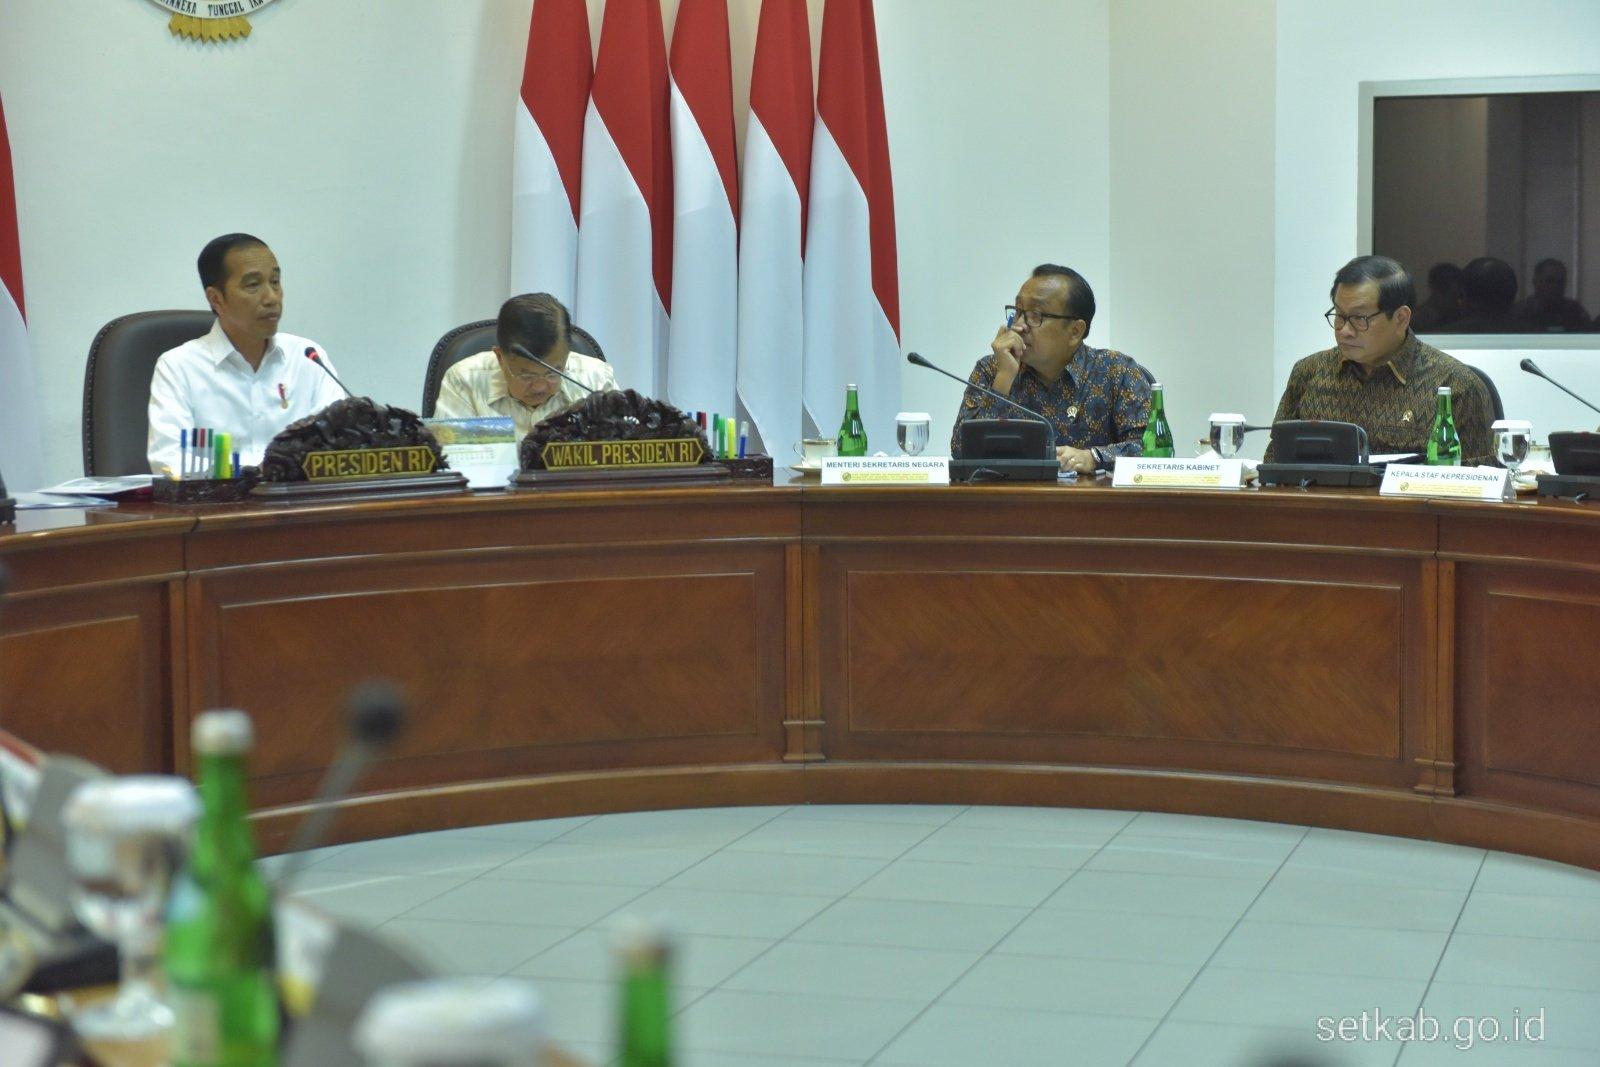 Presiden Jokowi Arahkan Kelapa Sawit Menjadi Bahan Bakar Berjenis 'Green Avtur'